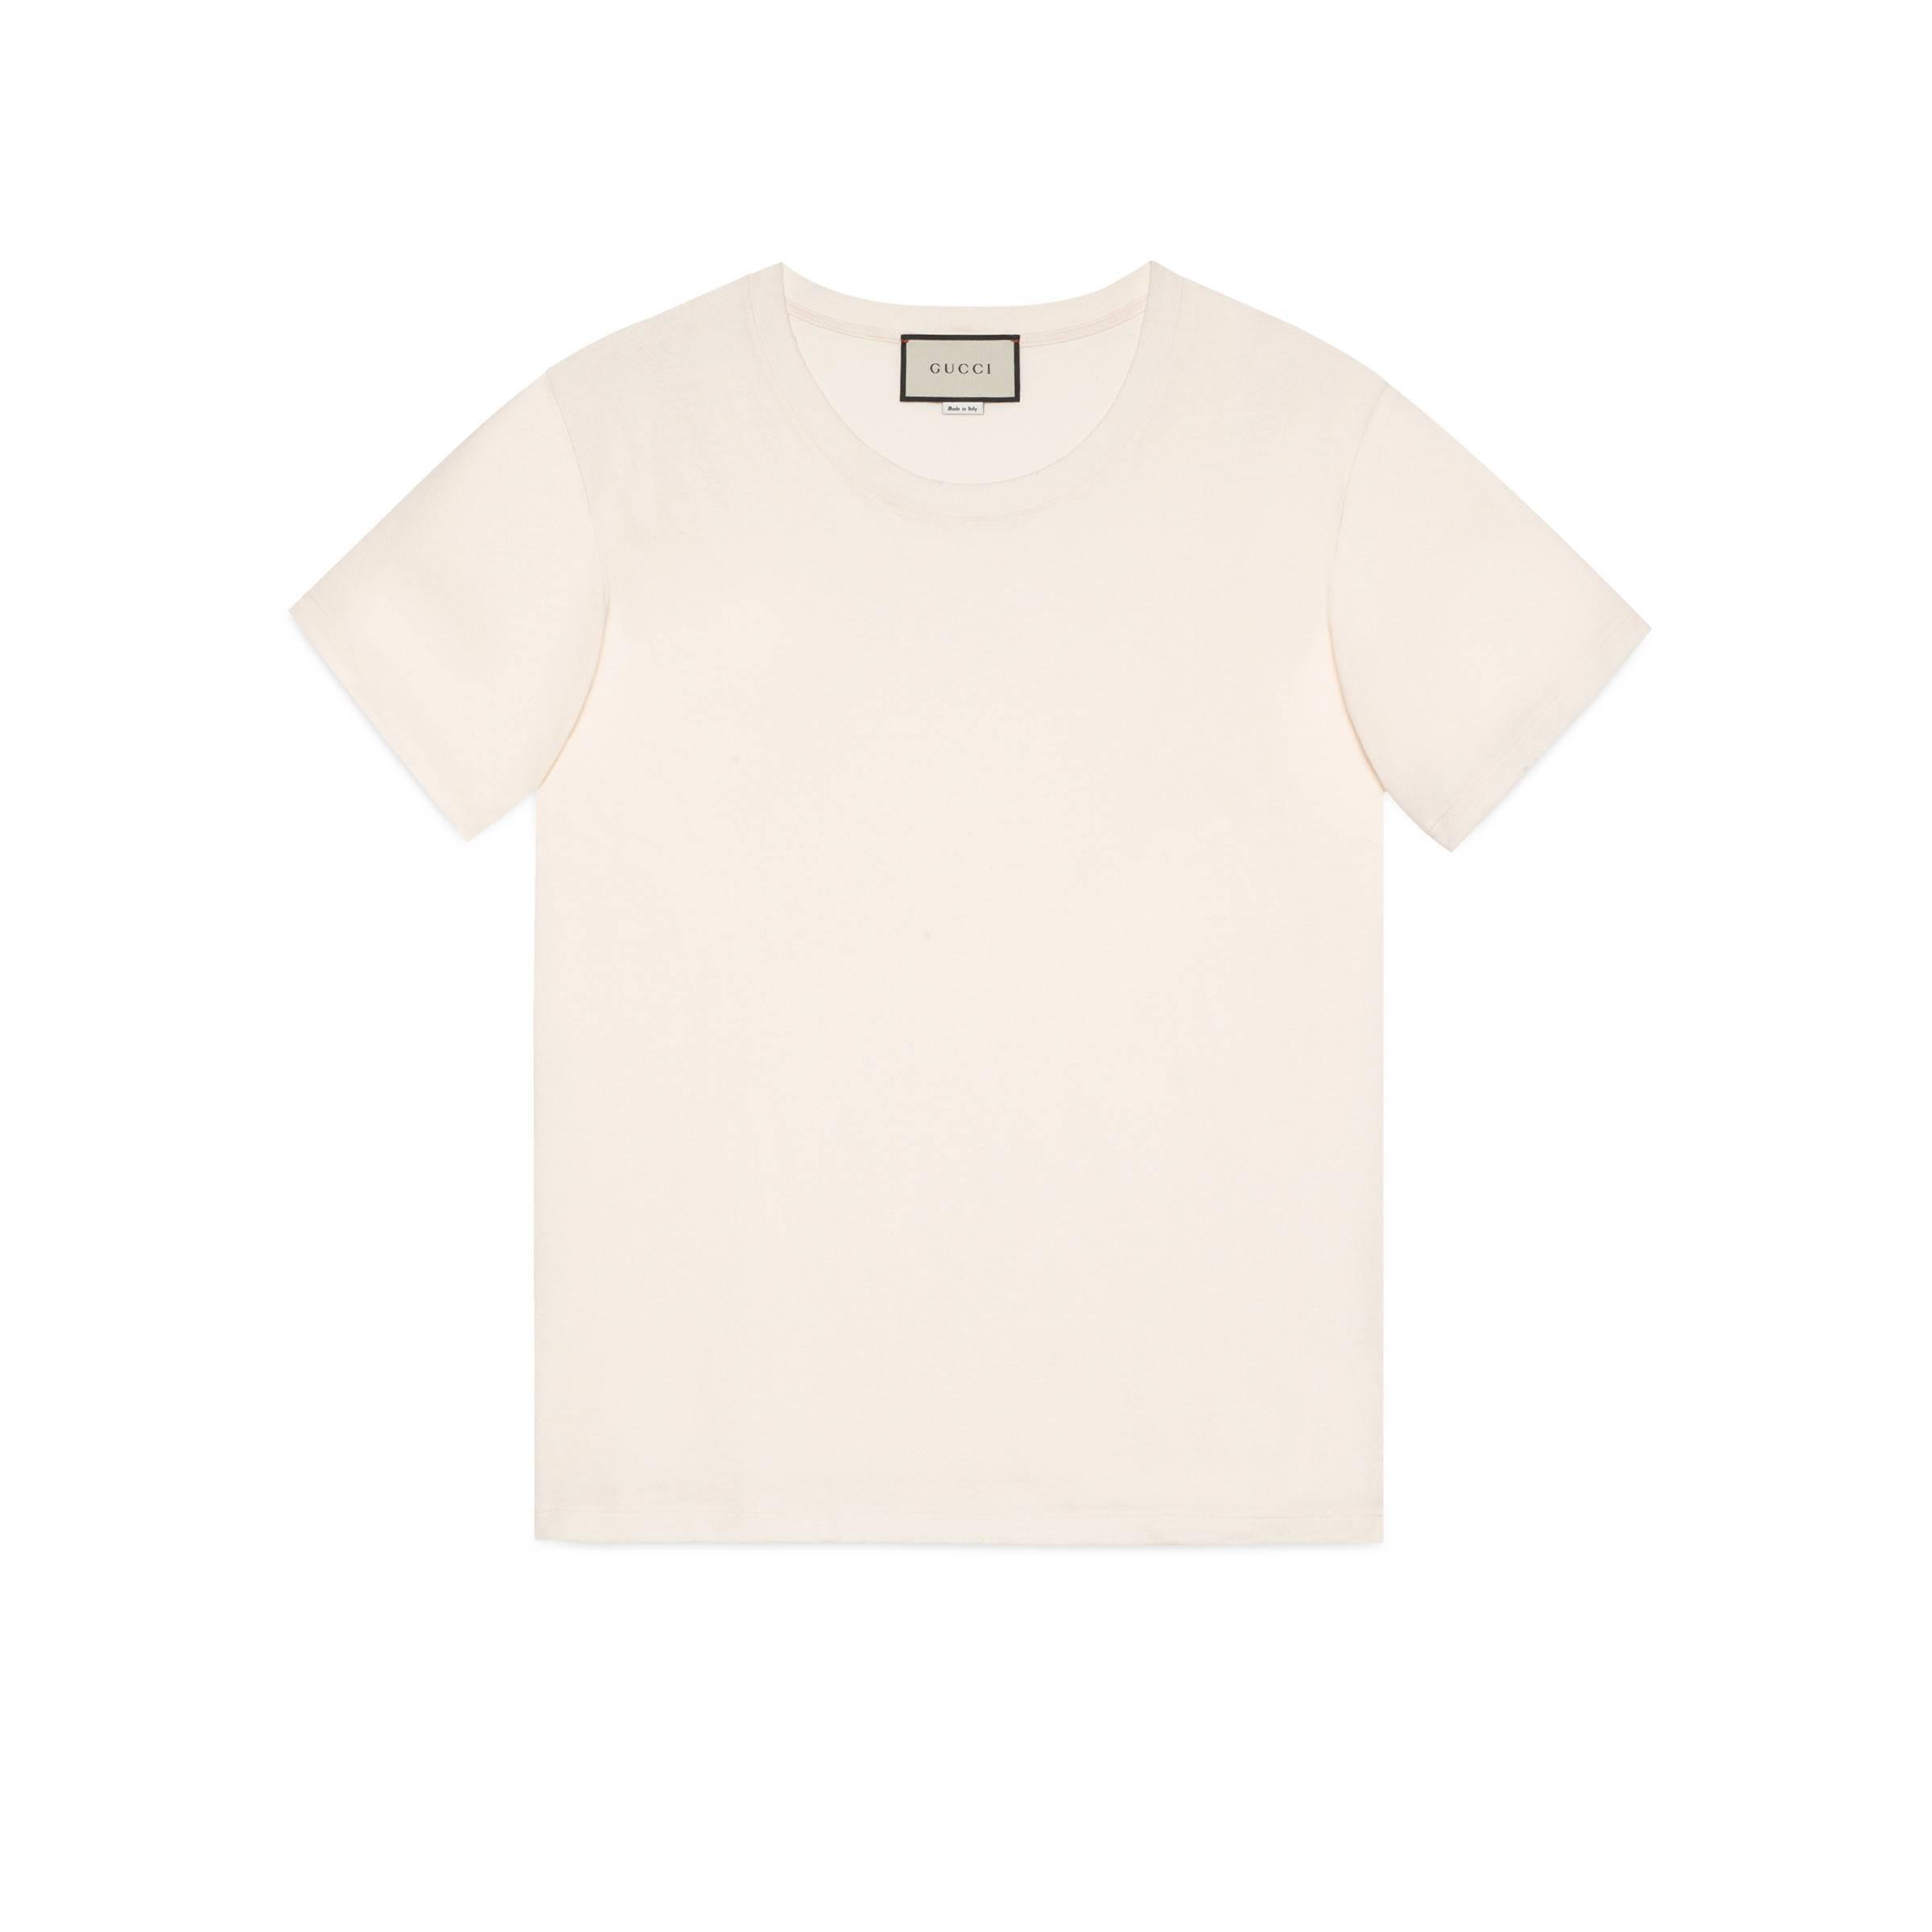 Lyst - Camiseta extragrande con Sello Gucci de hombre de color Blanco 02c722c8848